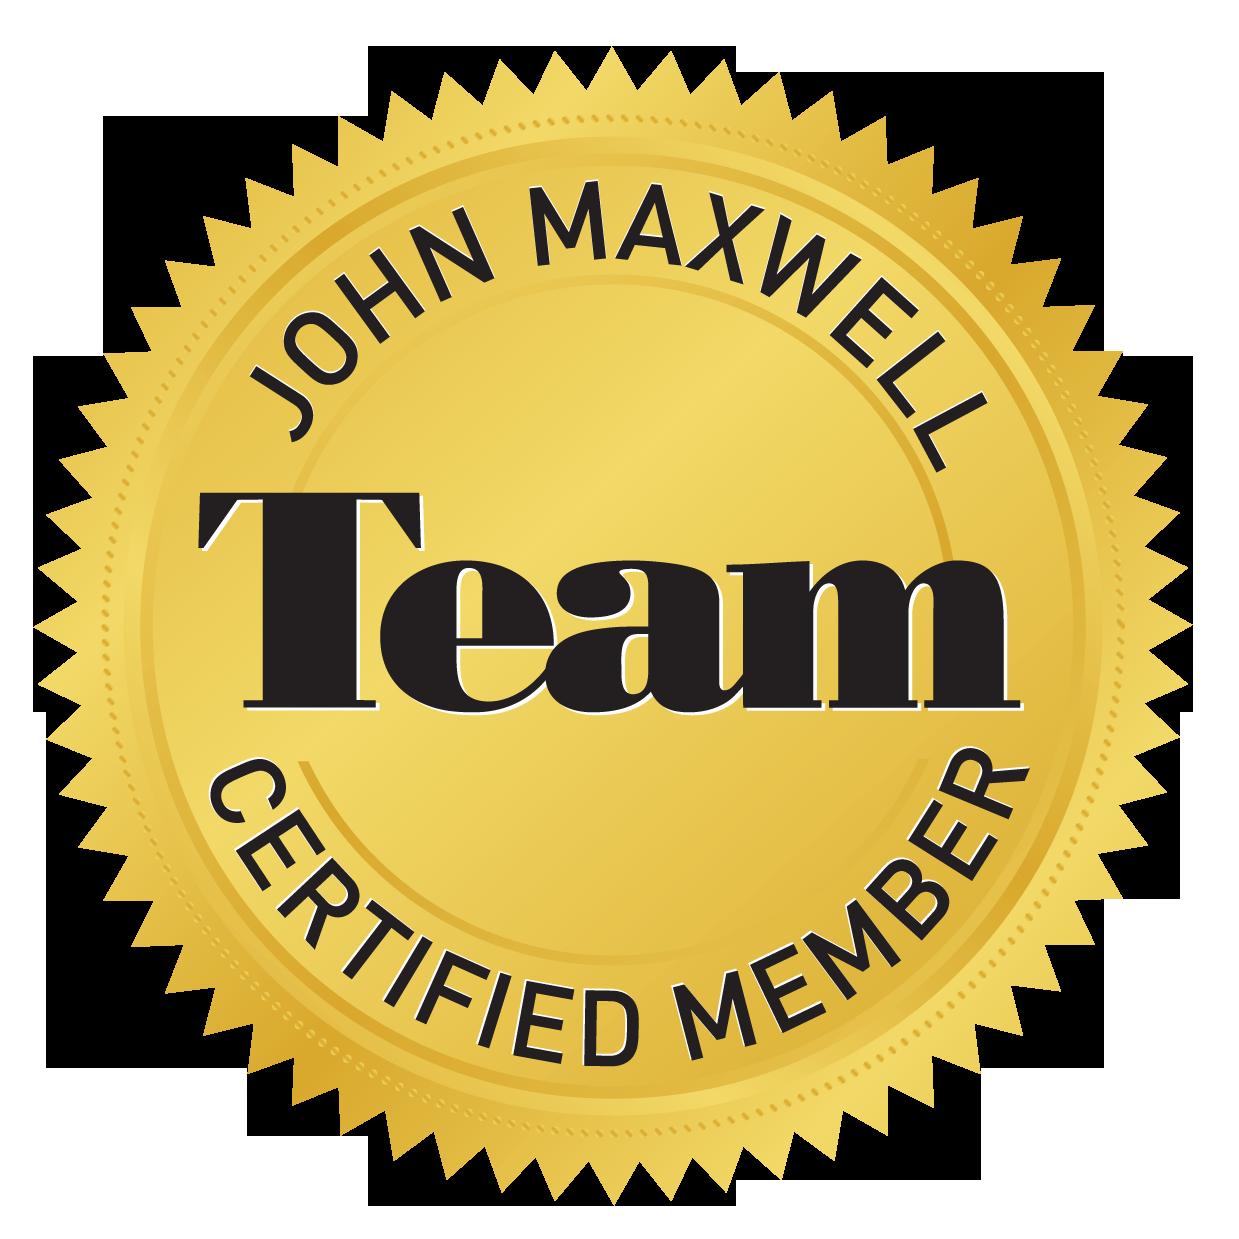 Daniel Gomez is a John Maxwell Team Certified Speaker